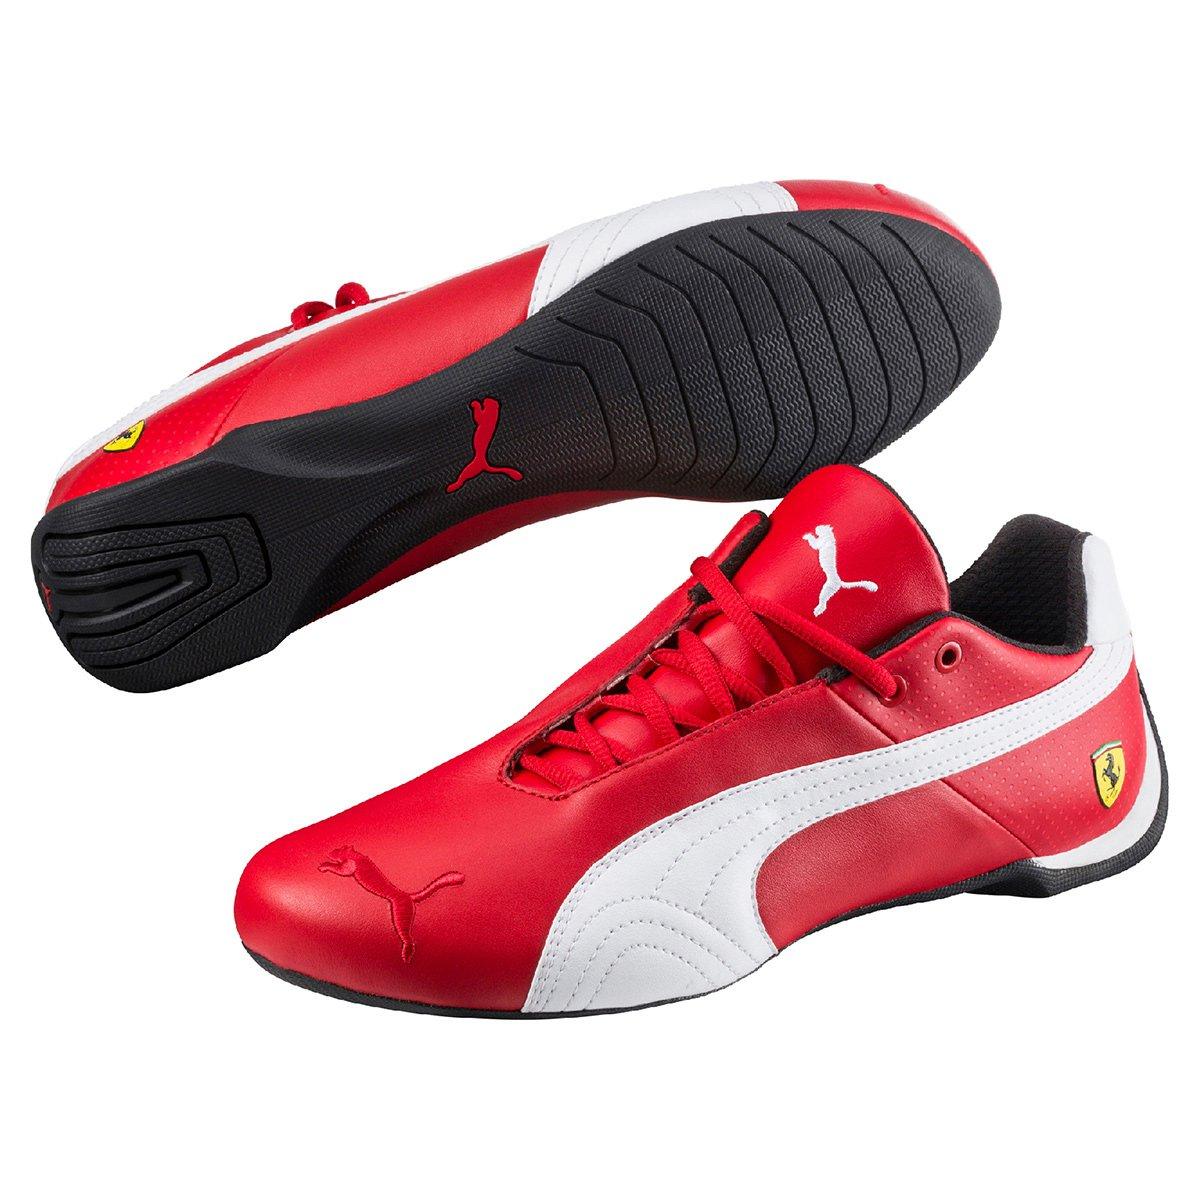 b555c517aae02 Tênis Couro Puma Scuderia Ferrari Future Cat OG Masculino - Vermelho e  Preto | Netshoes